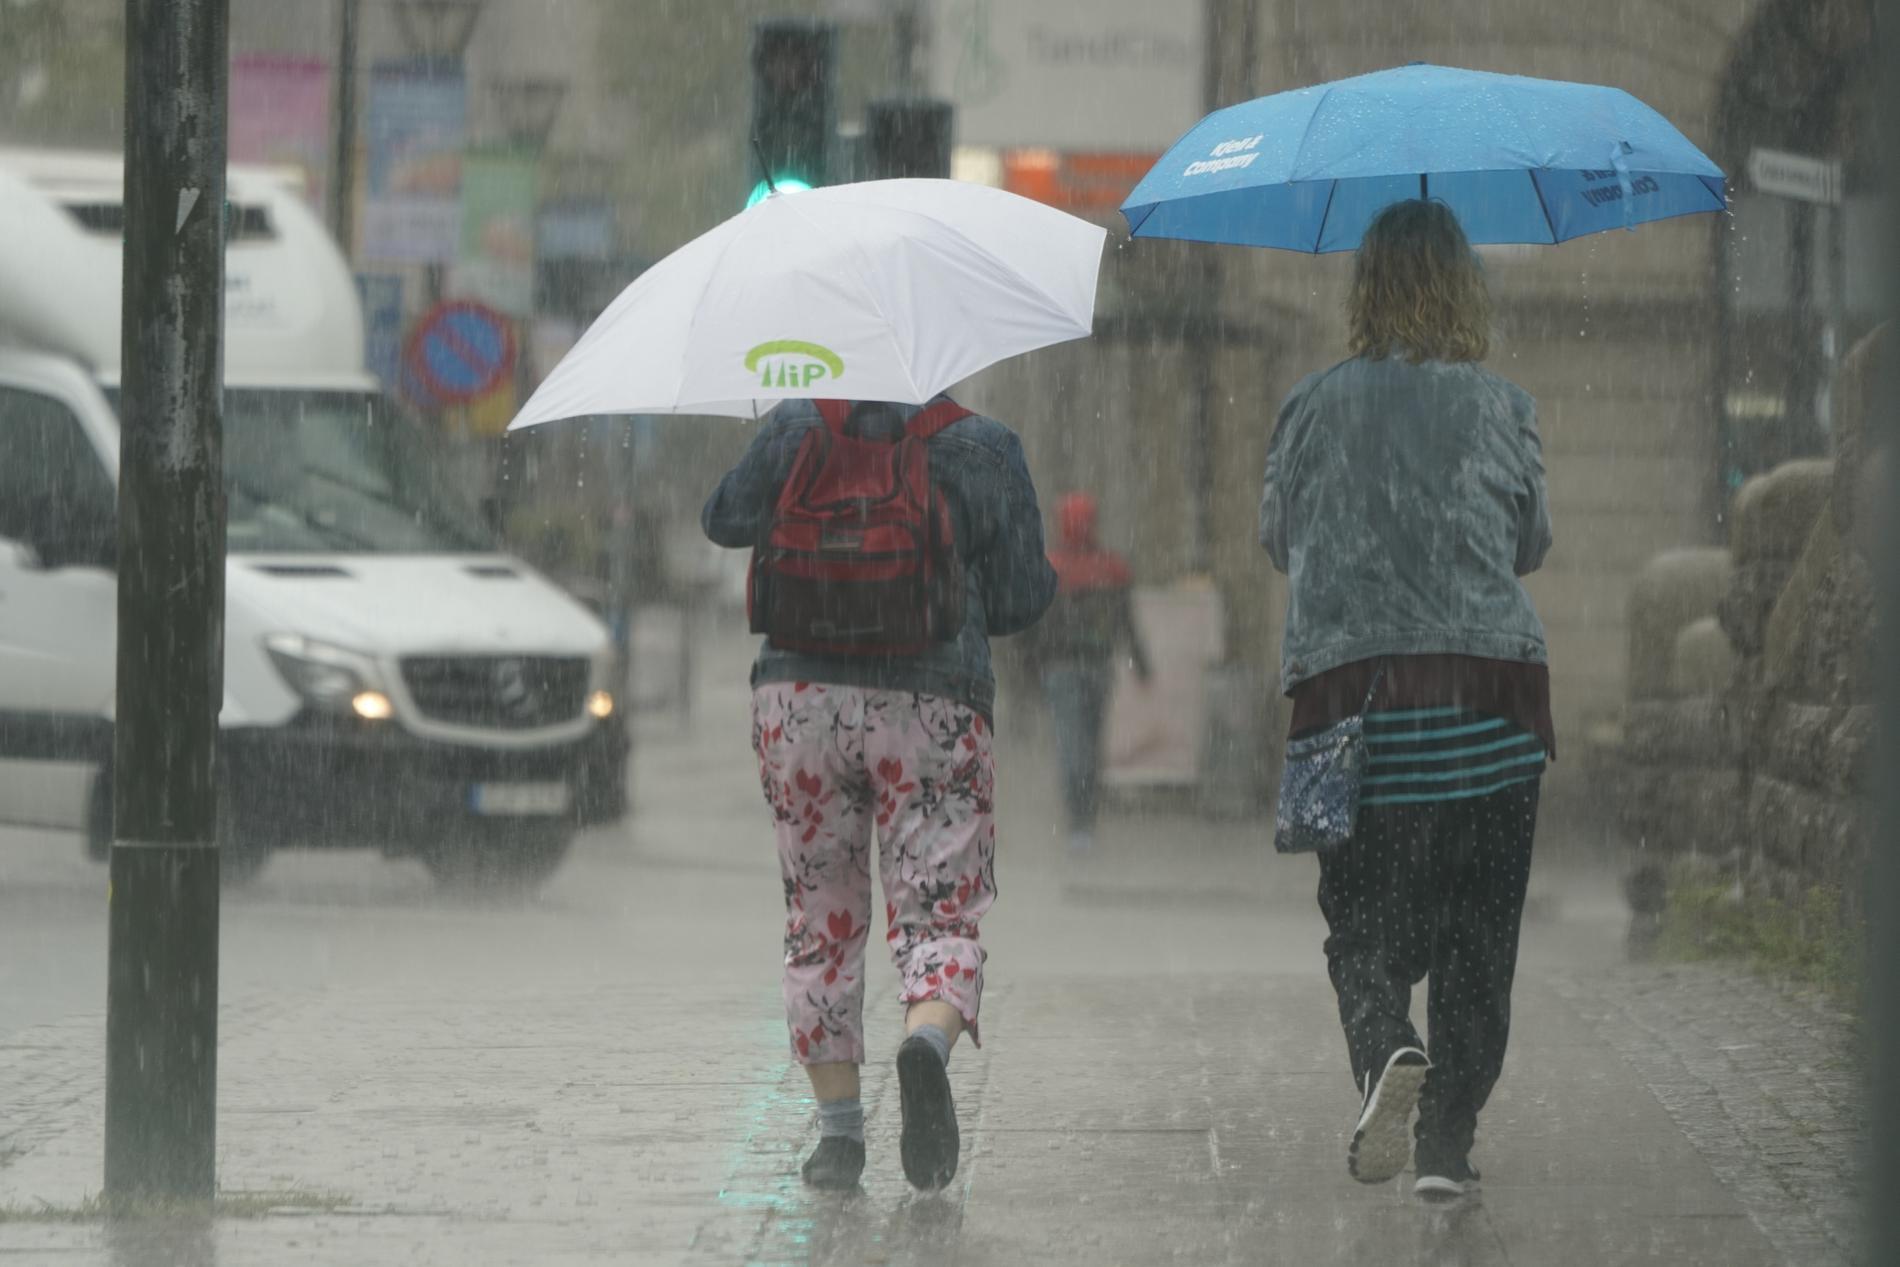 Bristen på regn bidrar till högre elpriser, enligt Vattenfall. Arkivbild.